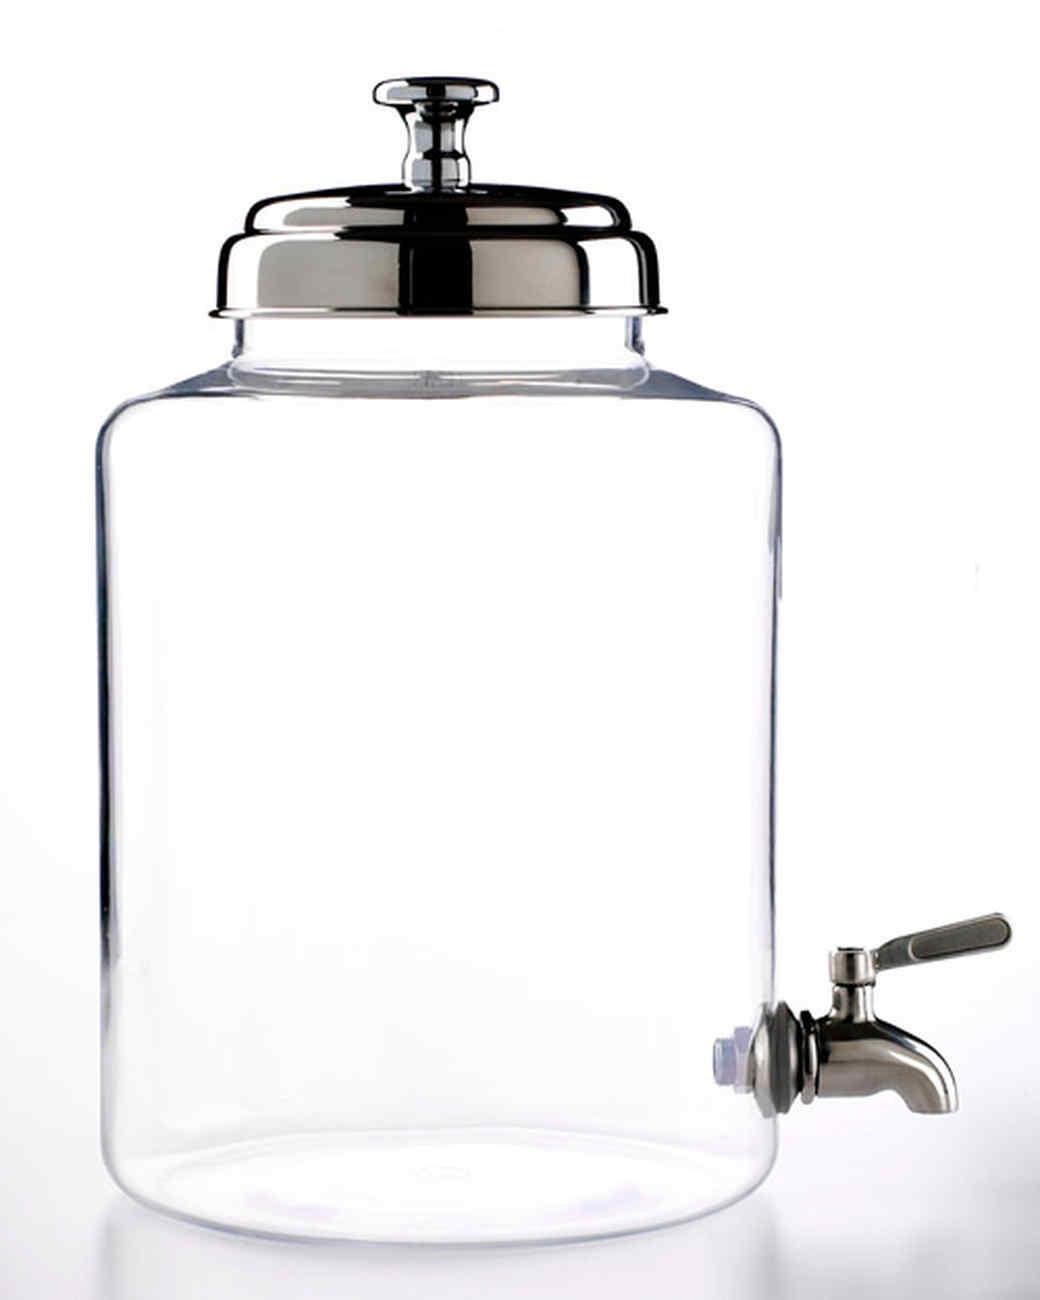 grilling_beverage_dispenser.jpg